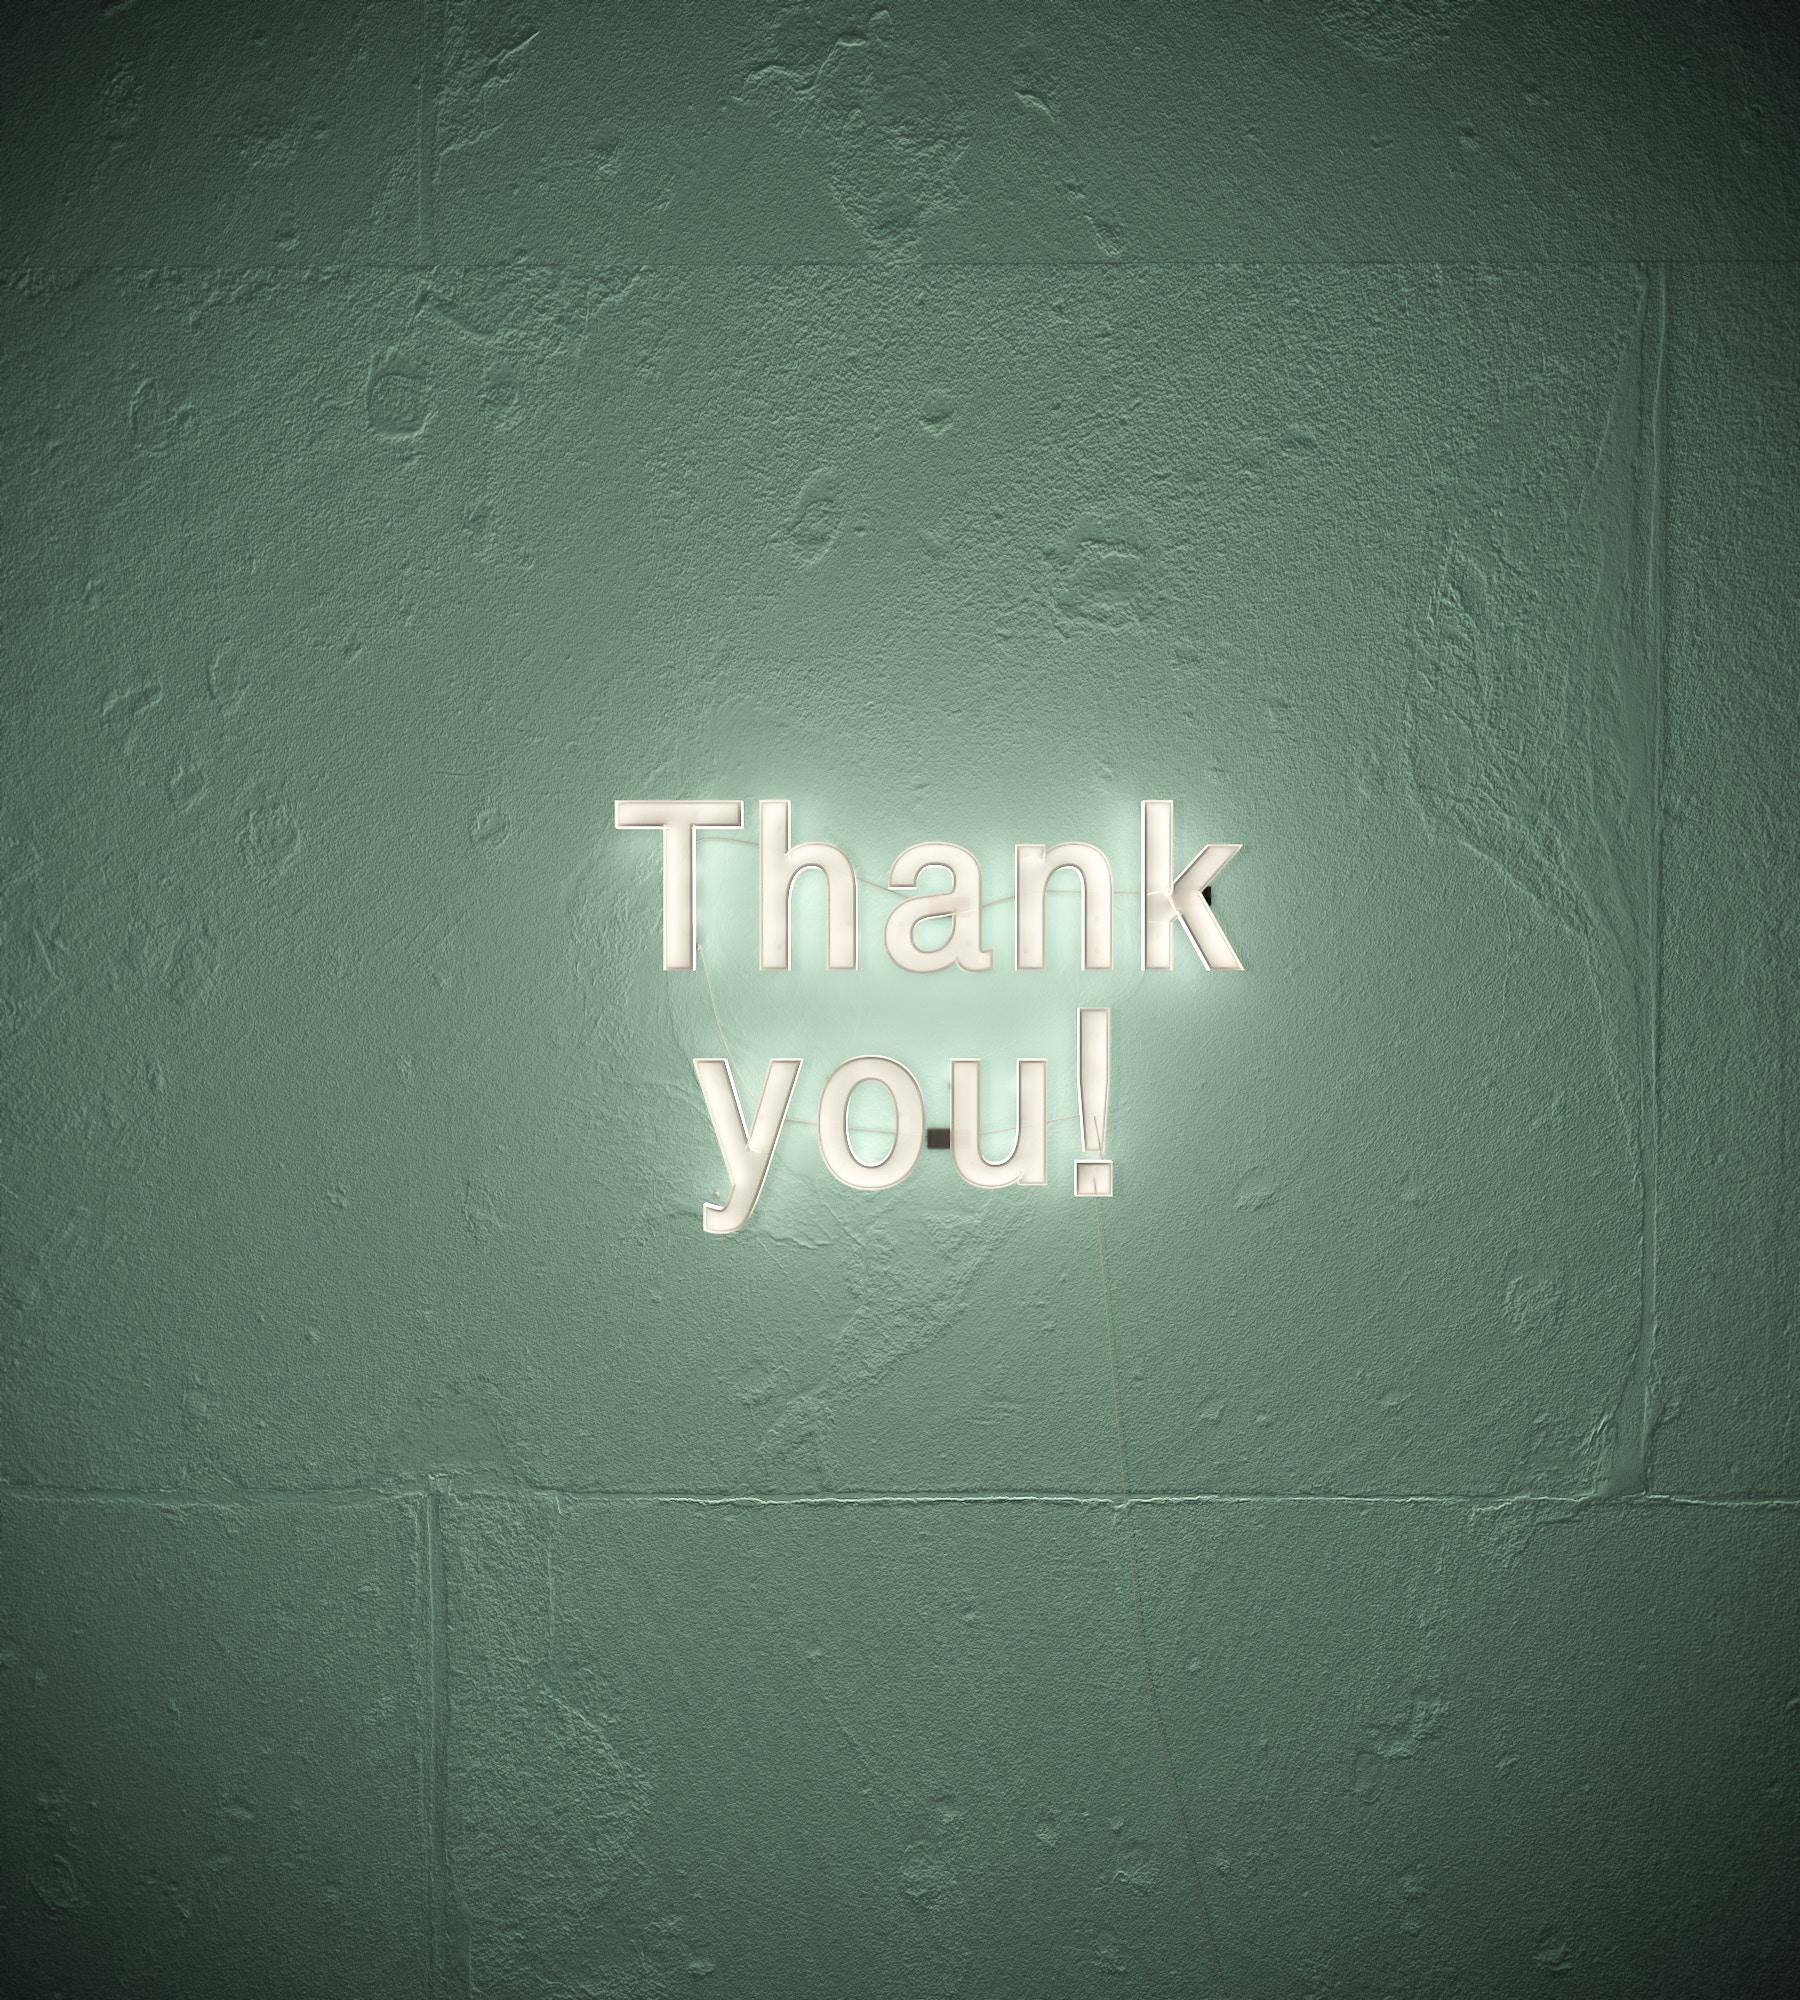 """Letreiro escrito """"Thank you"""" com luz de LED em uma parede verde."""